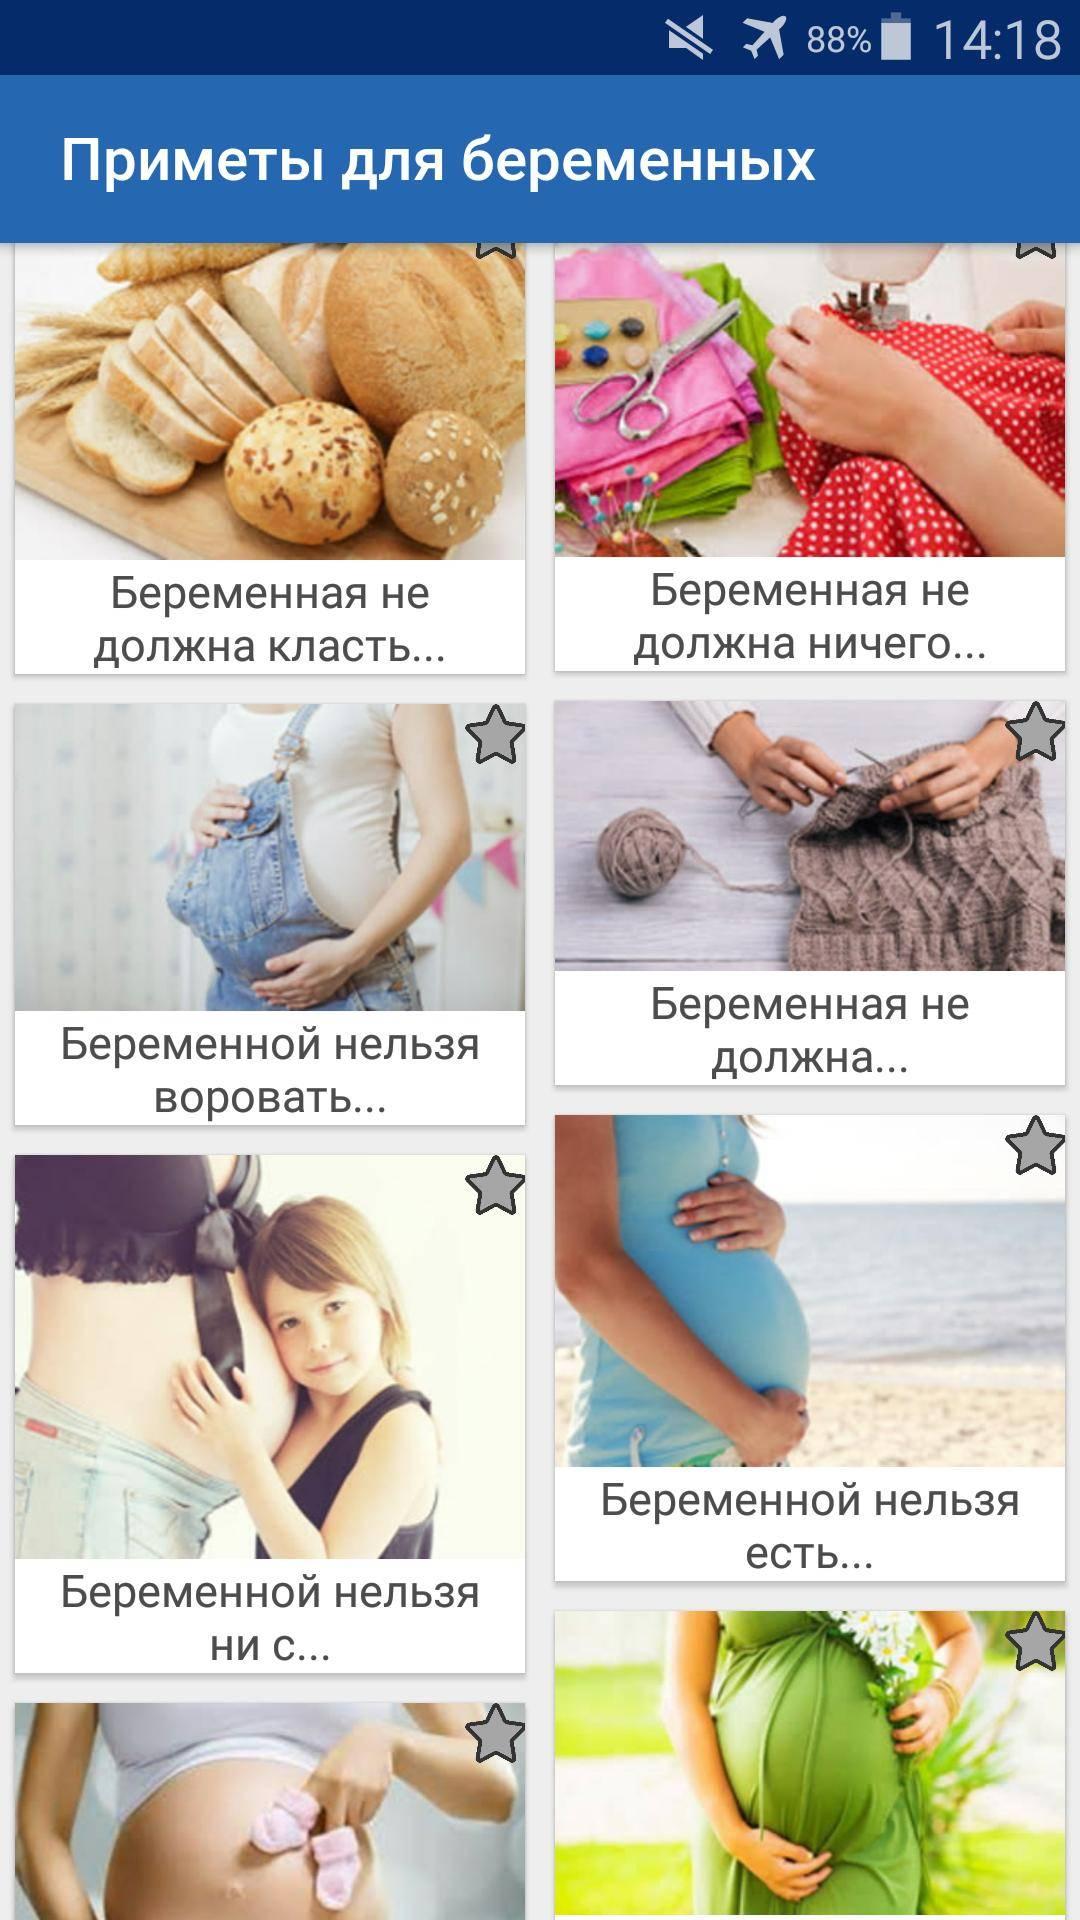 Самые распространенные противопоказания при беременности